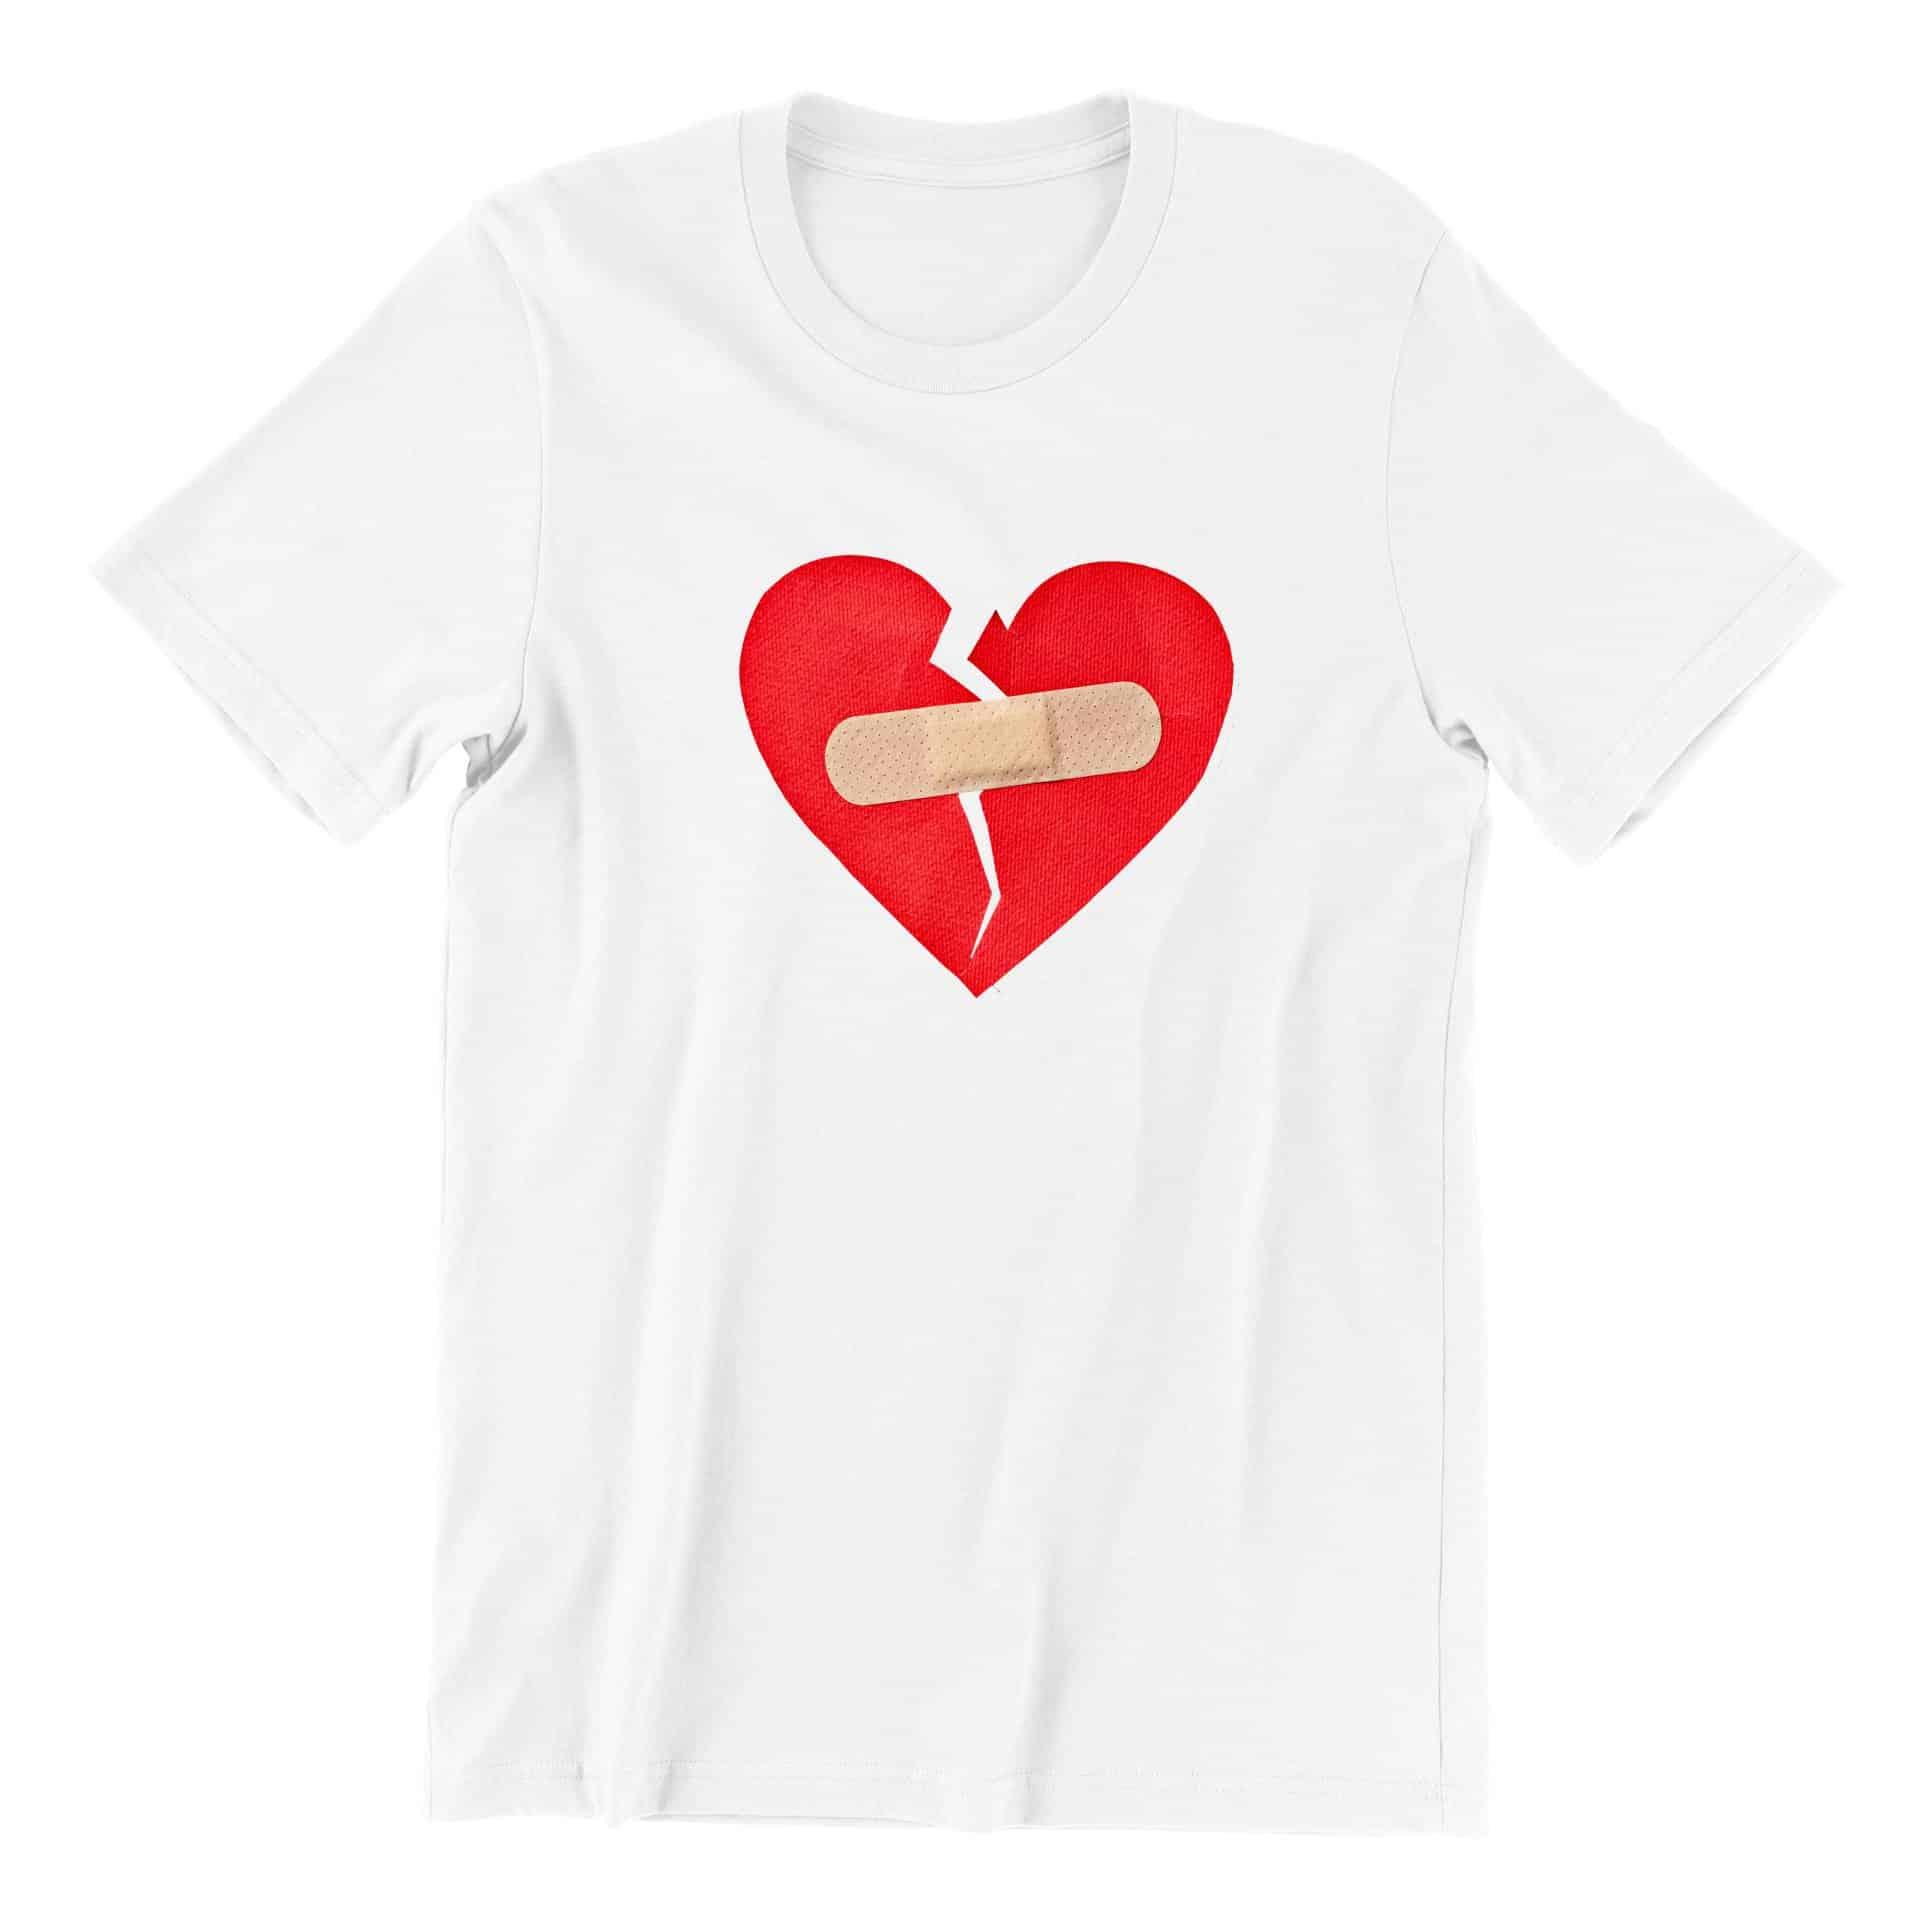 Broken Heart Short Sleeve T-shirt